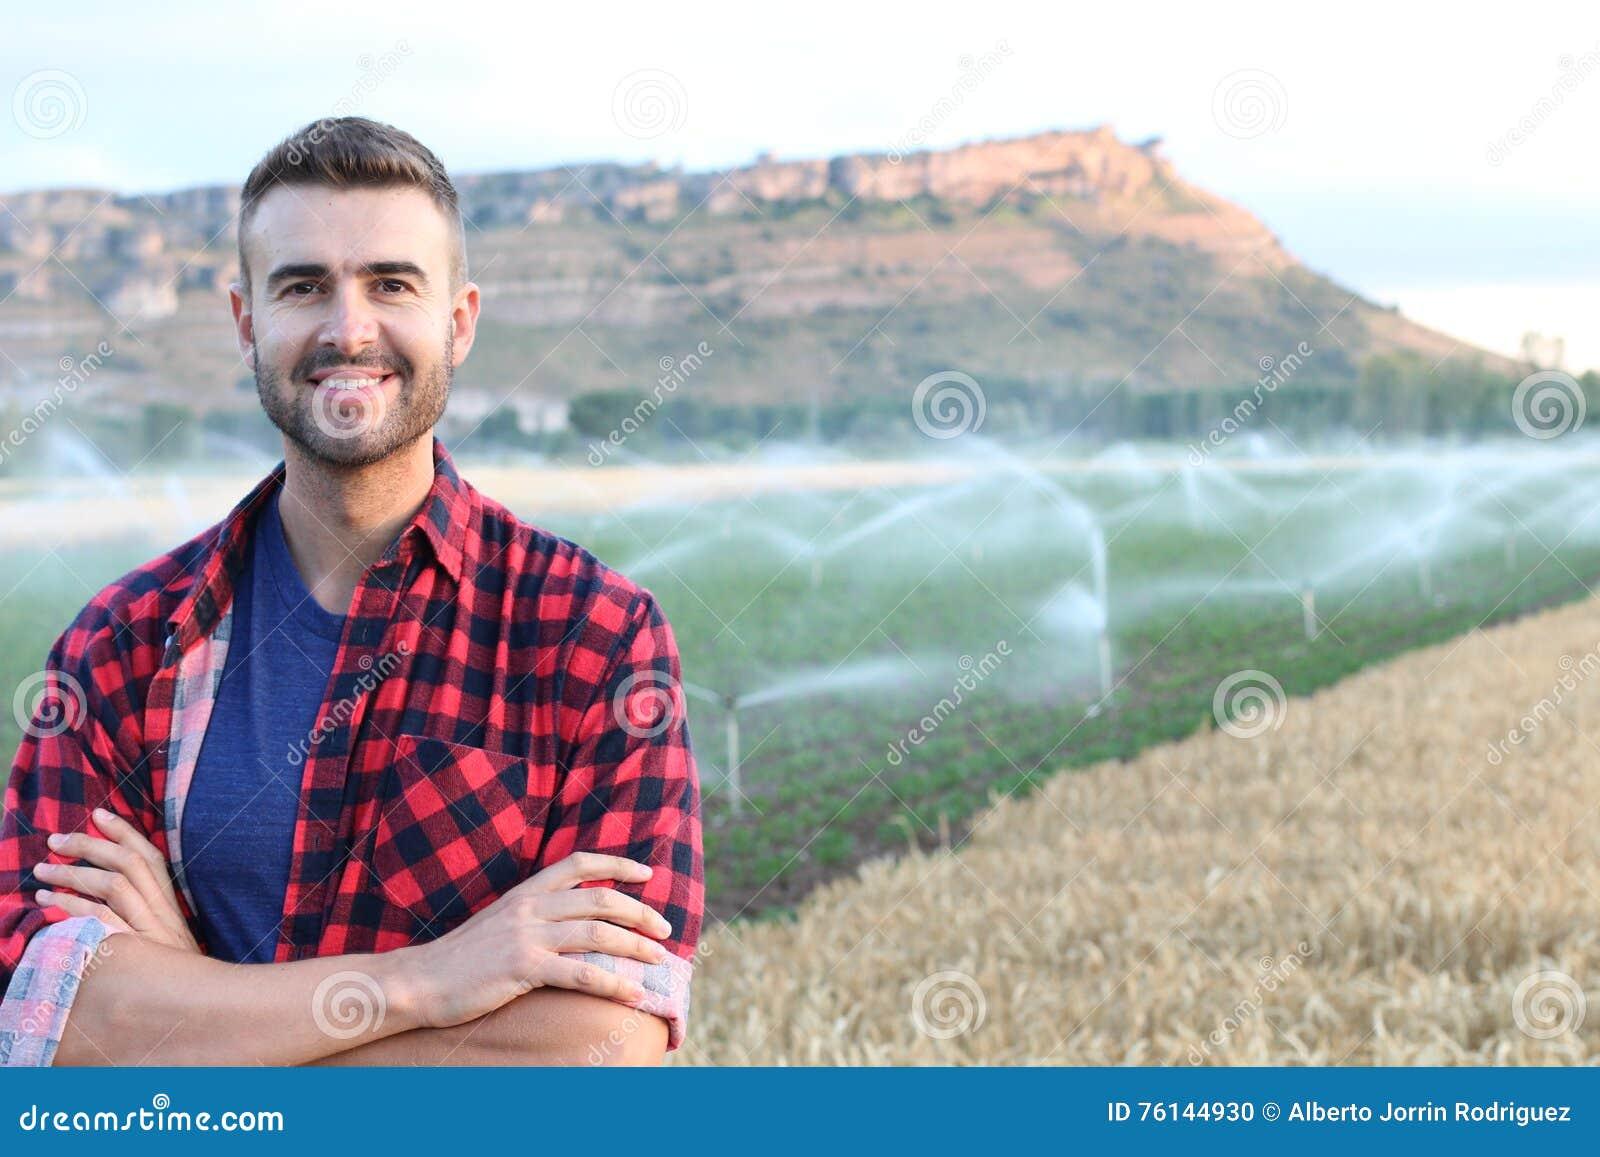 Ritratto di giovane agricoltore bello che sorride sul terreno coltivabile